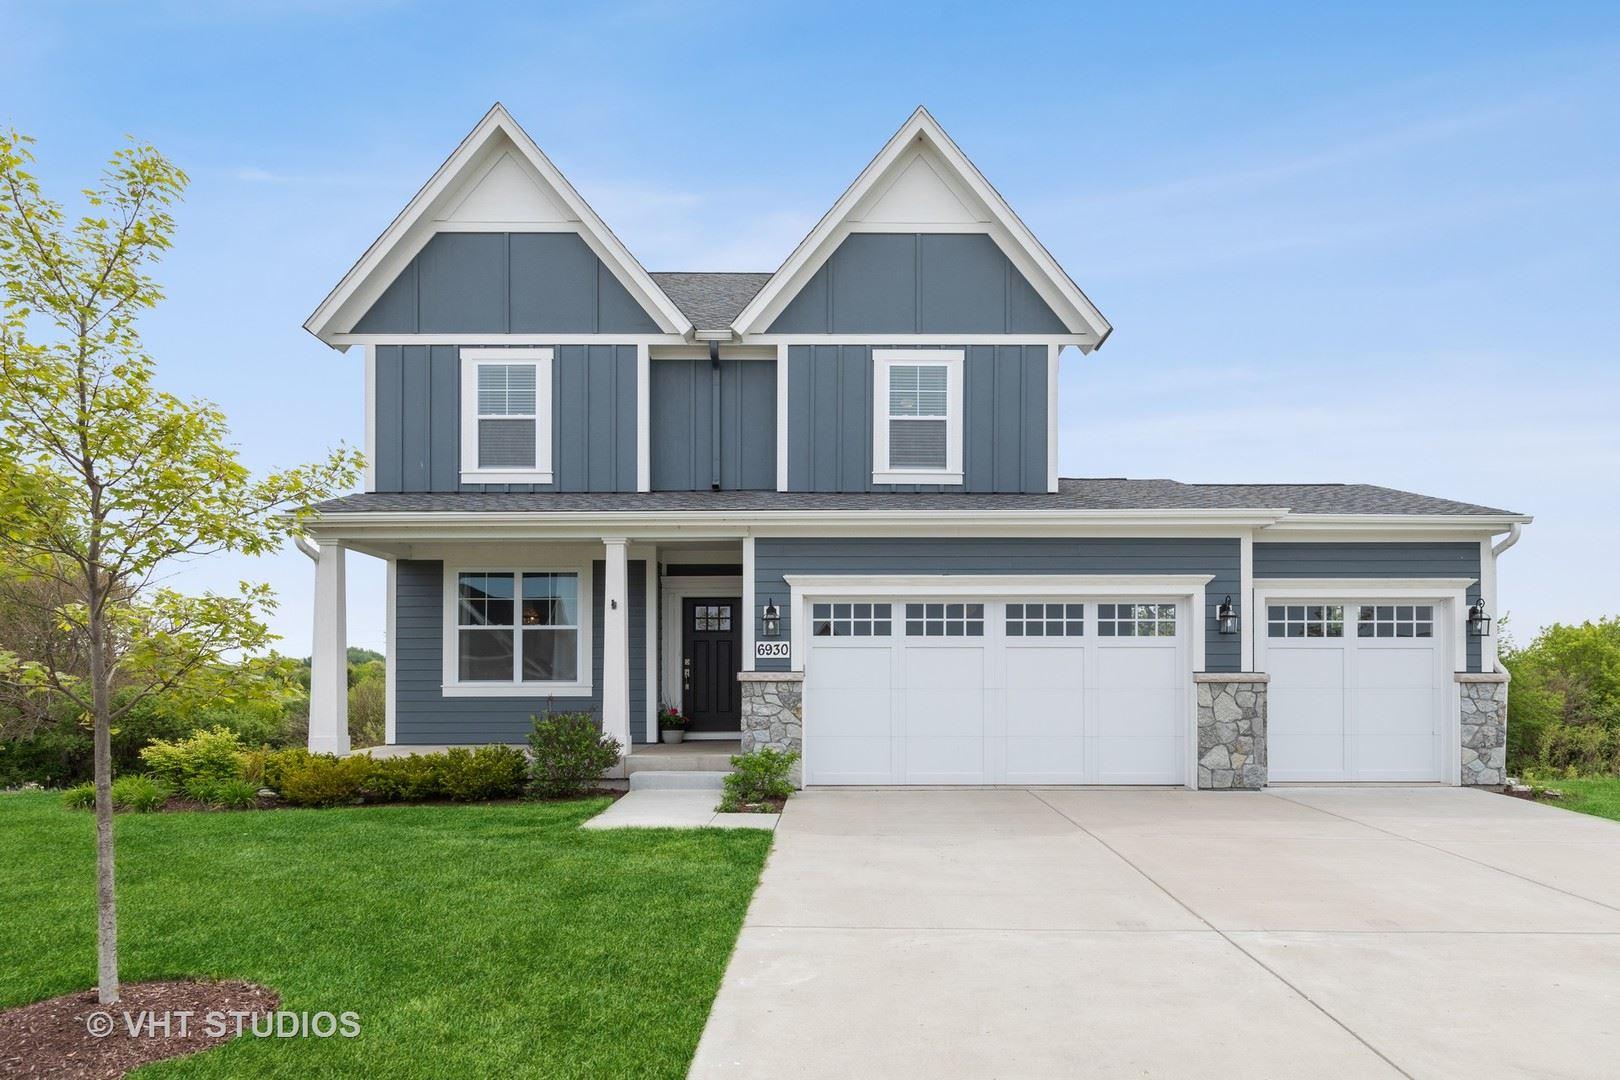 6930 Cambria Cove, Lakewood, IL 60014 - #: 11094113